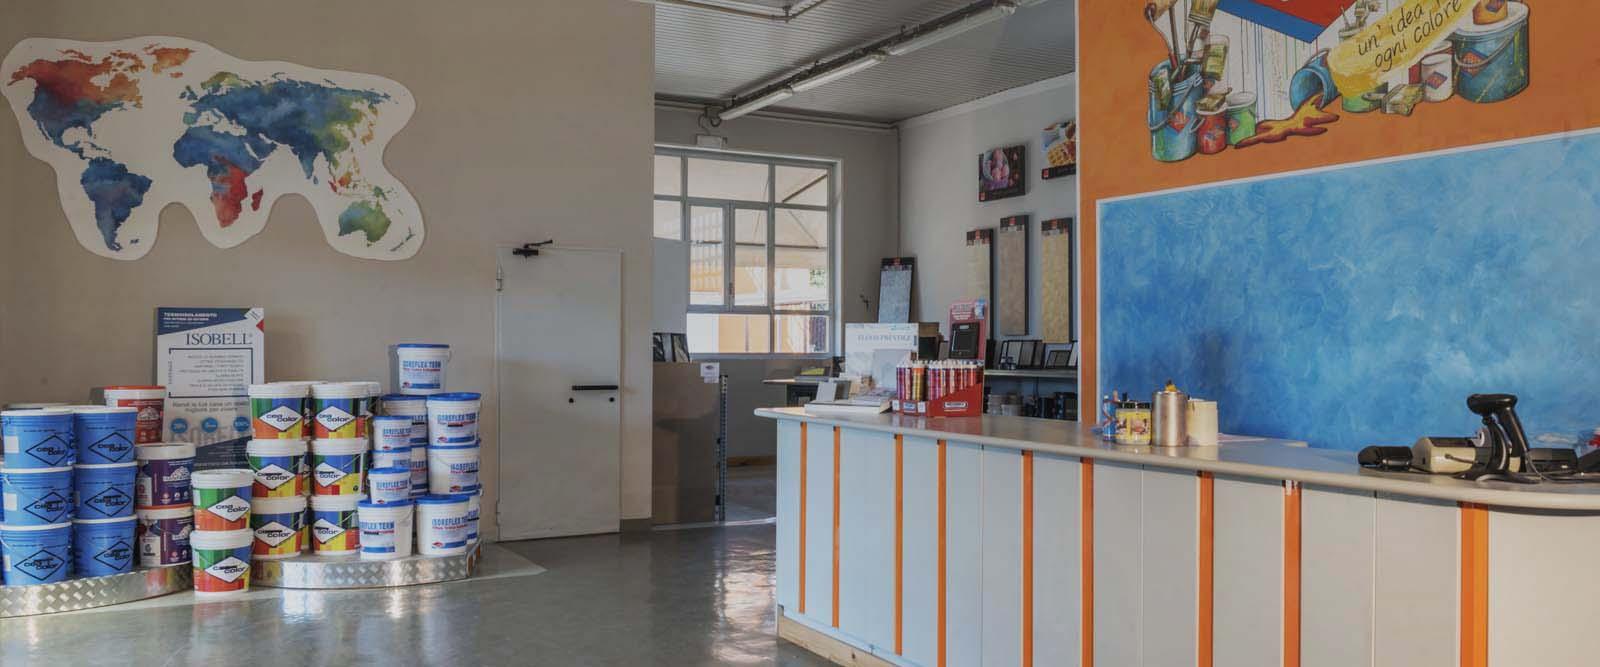 Imprese Edili Varese E Provincia colorificio provincia di varese - ceacolor